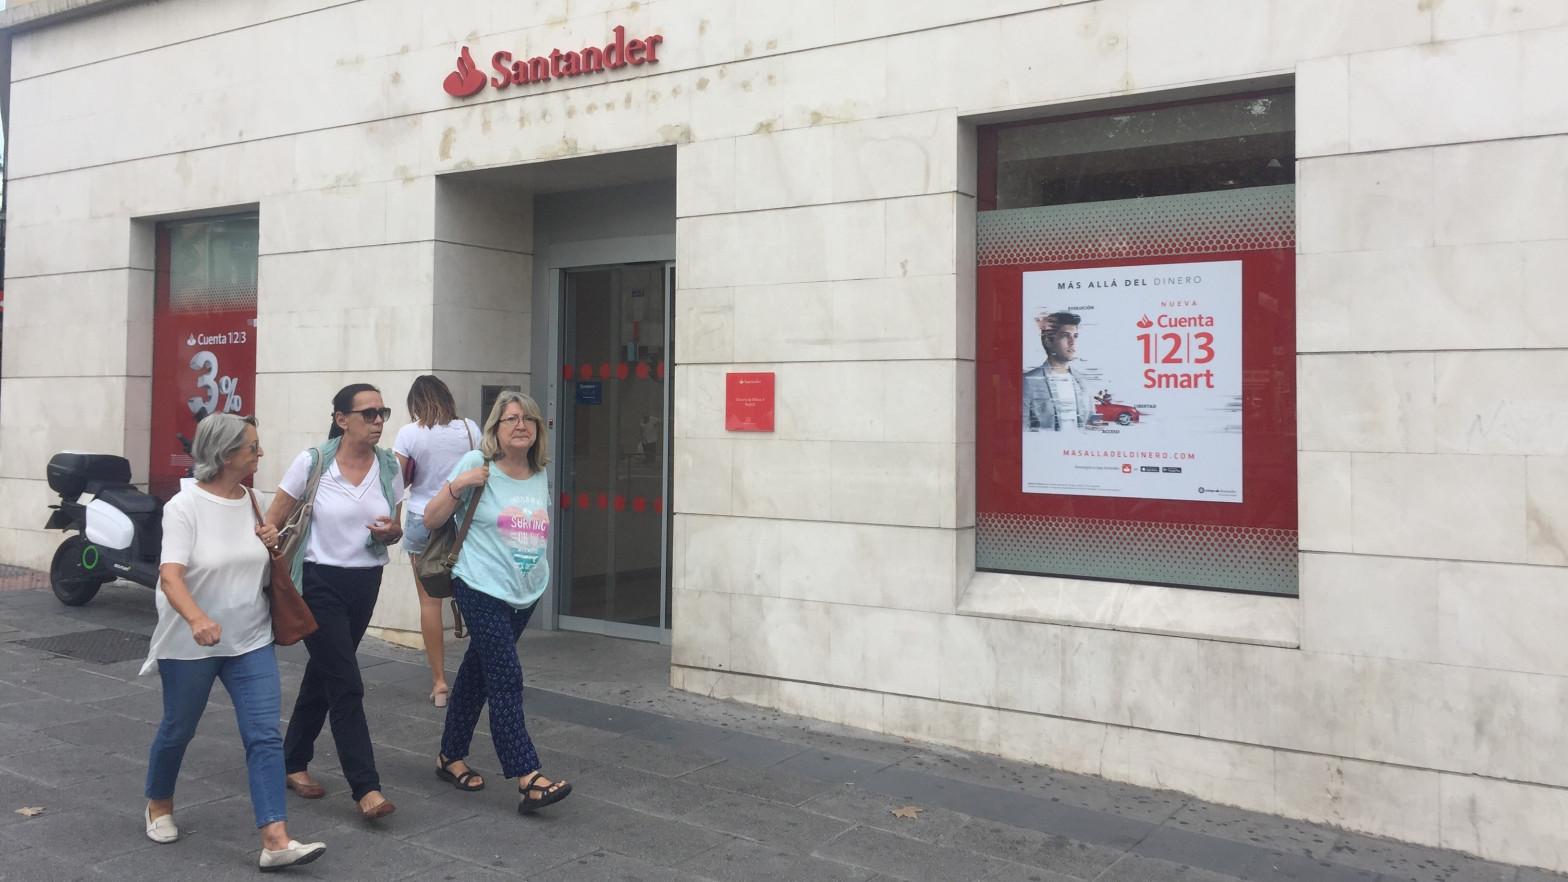 El Santander recorta hasta la mitad el sueldo variable de su plantilla